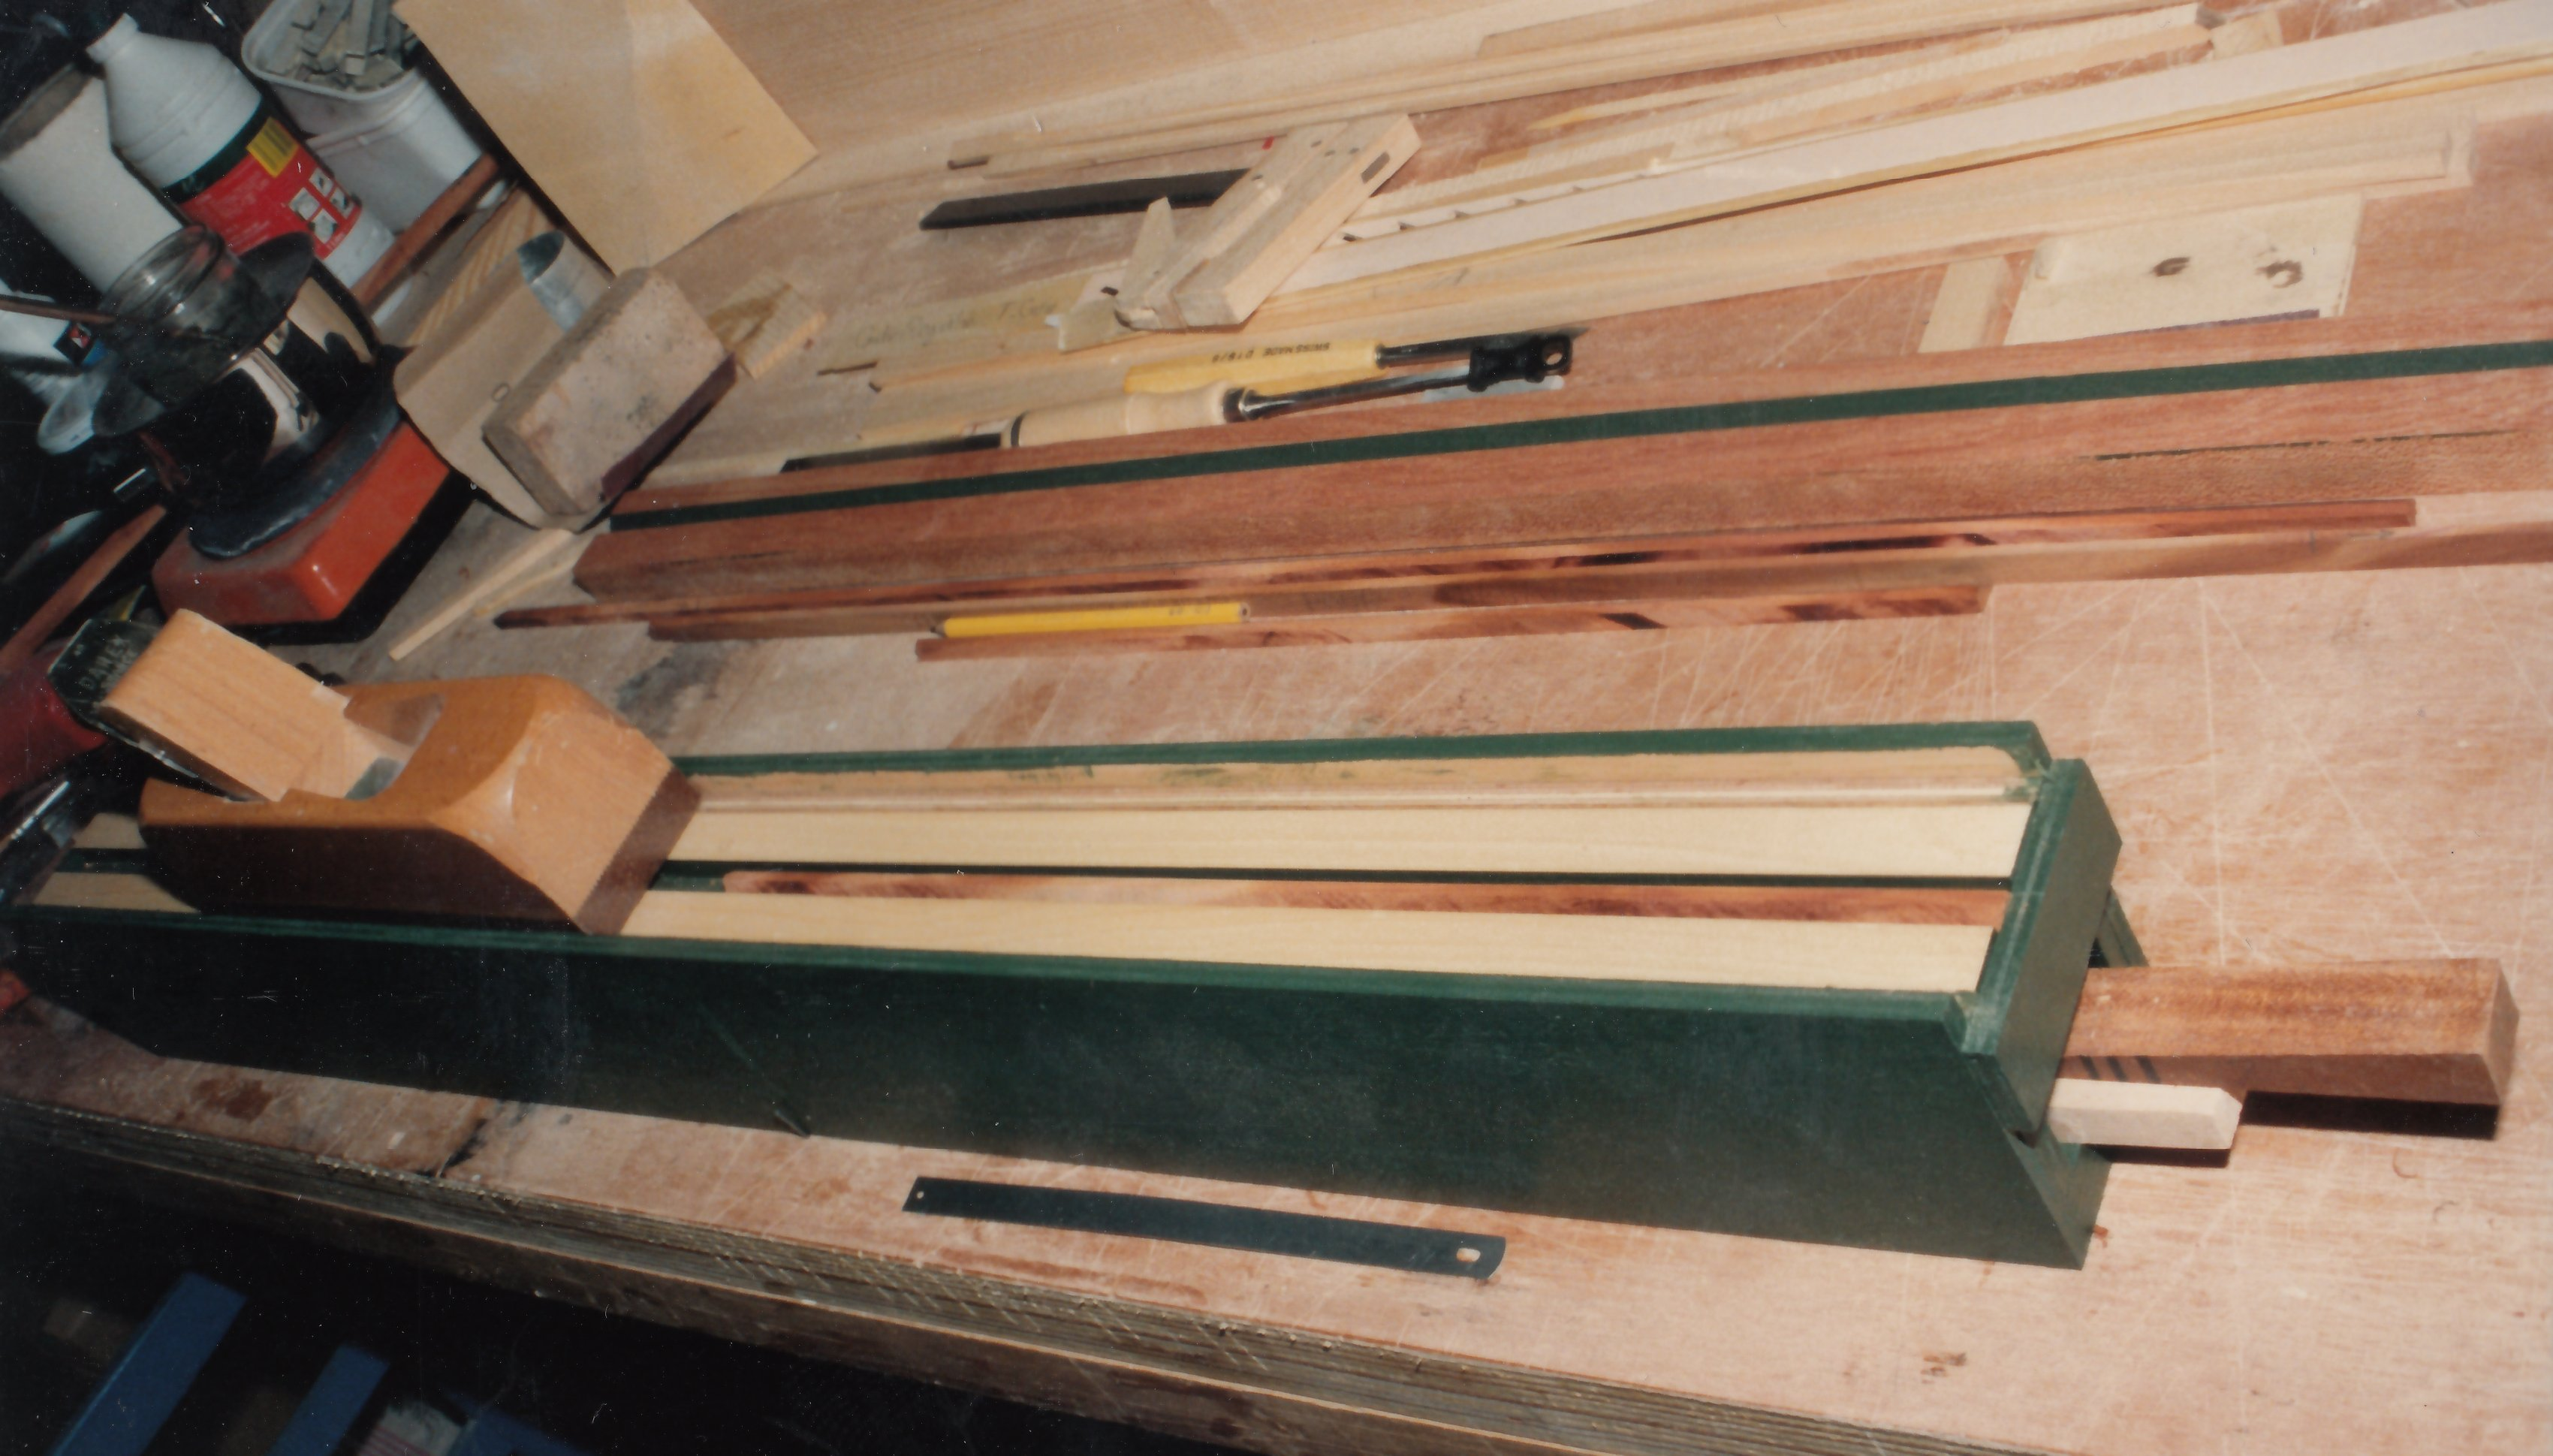 Fabrication d'instruments de musique anciens de bgire - Page 2 20030510311923134916674710